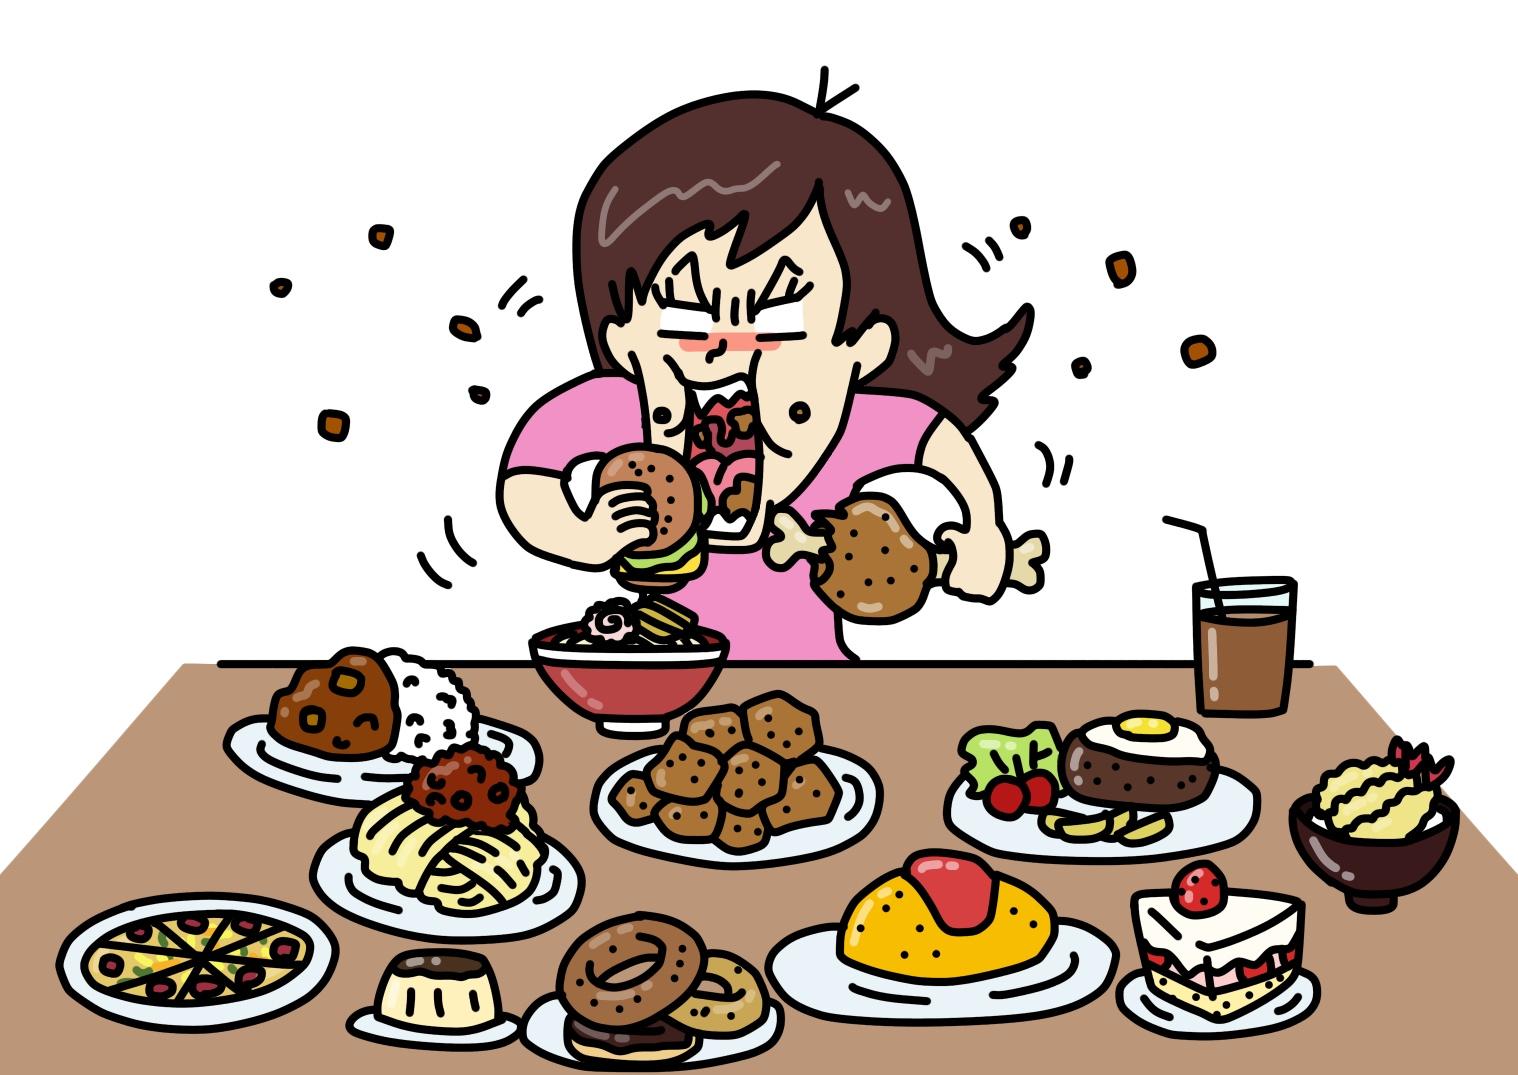 食べ過ぎで体重増加したら戻らないの?!いつ戻るのか?お答えします。